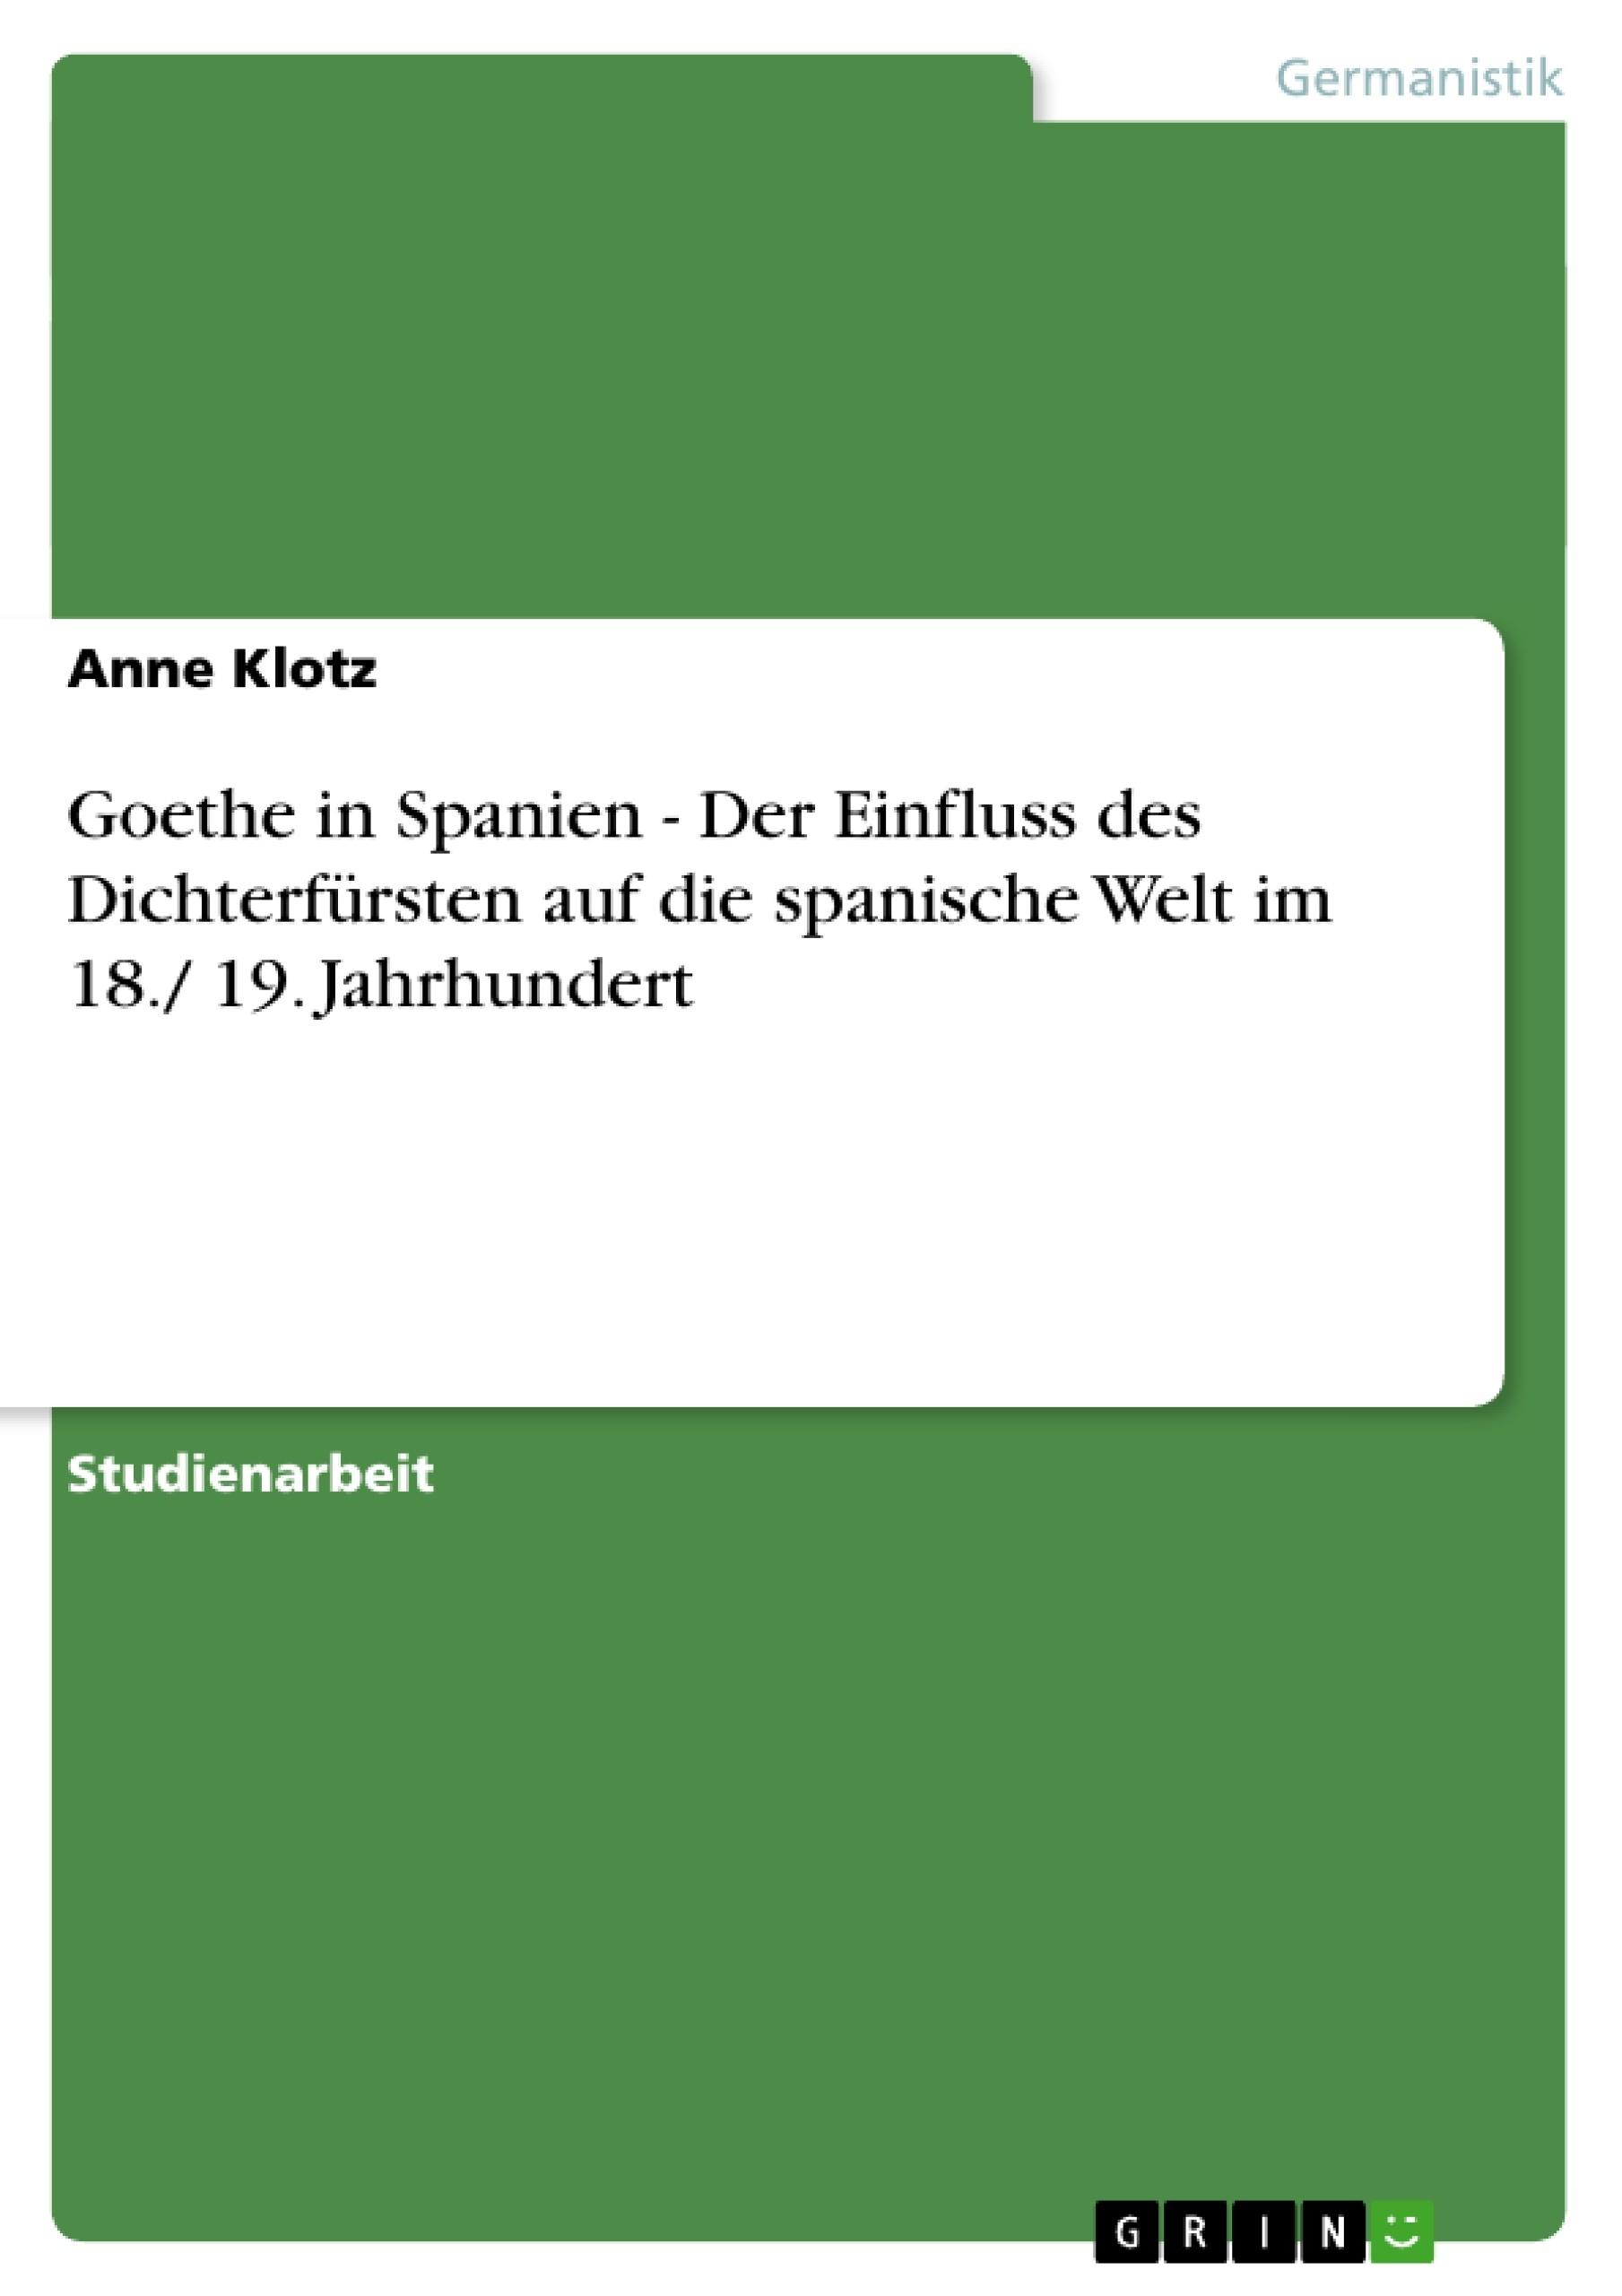 Titel: Goethe in Spanien - Der Einfluss des Dichterfürsten auf die spanische Welt im 18./ 19. Jahrhundert